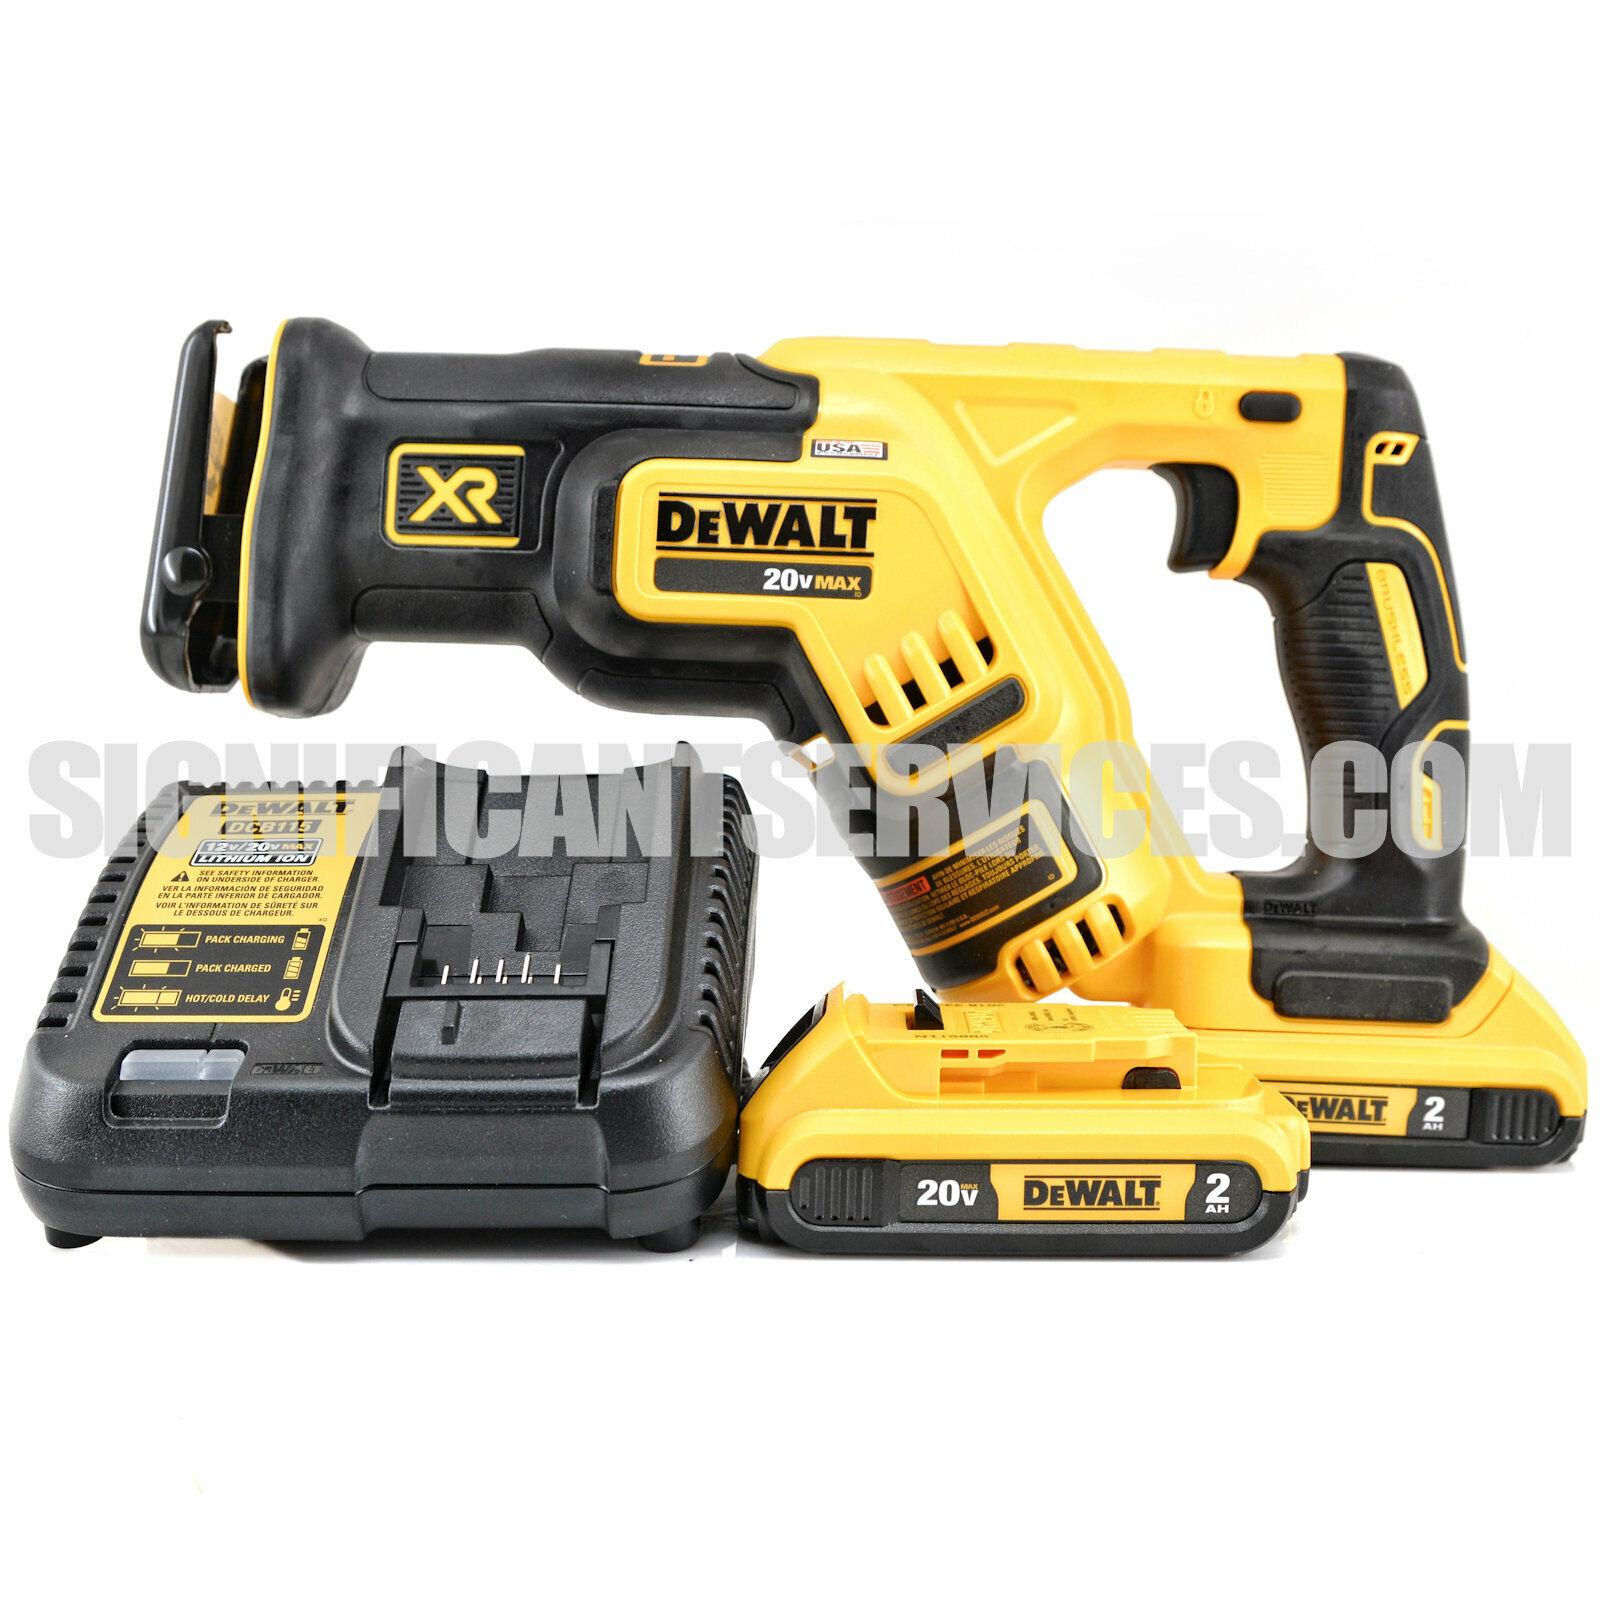 DeWALT DCS367 DCH133 20V XR Brushless Rotary Hammer Drill Re